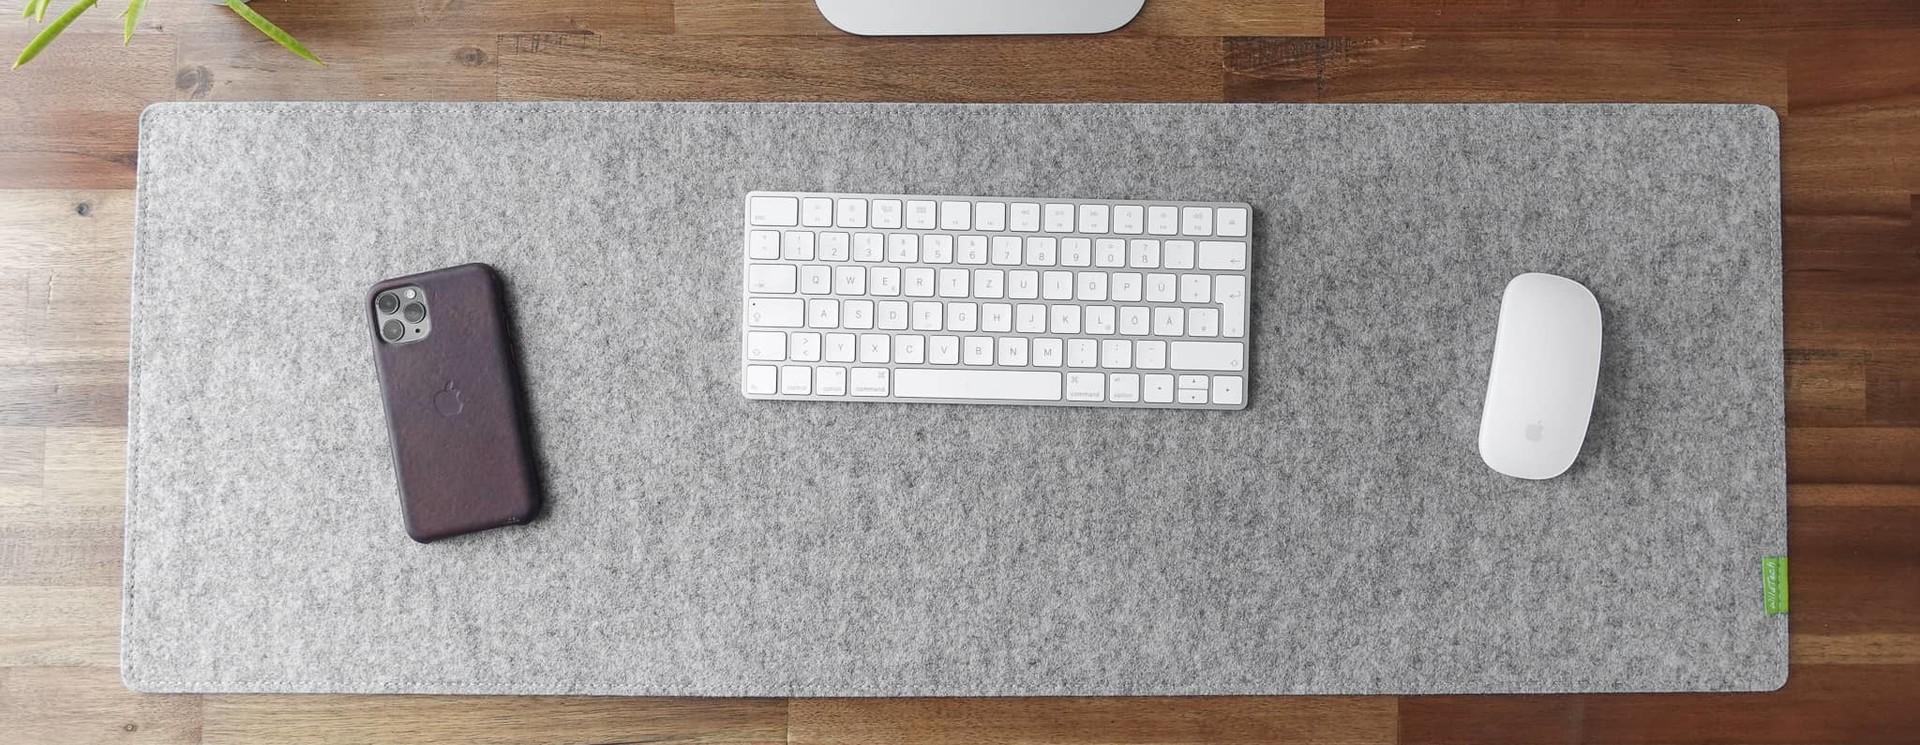 Schreibtischunterlagen aus Filz